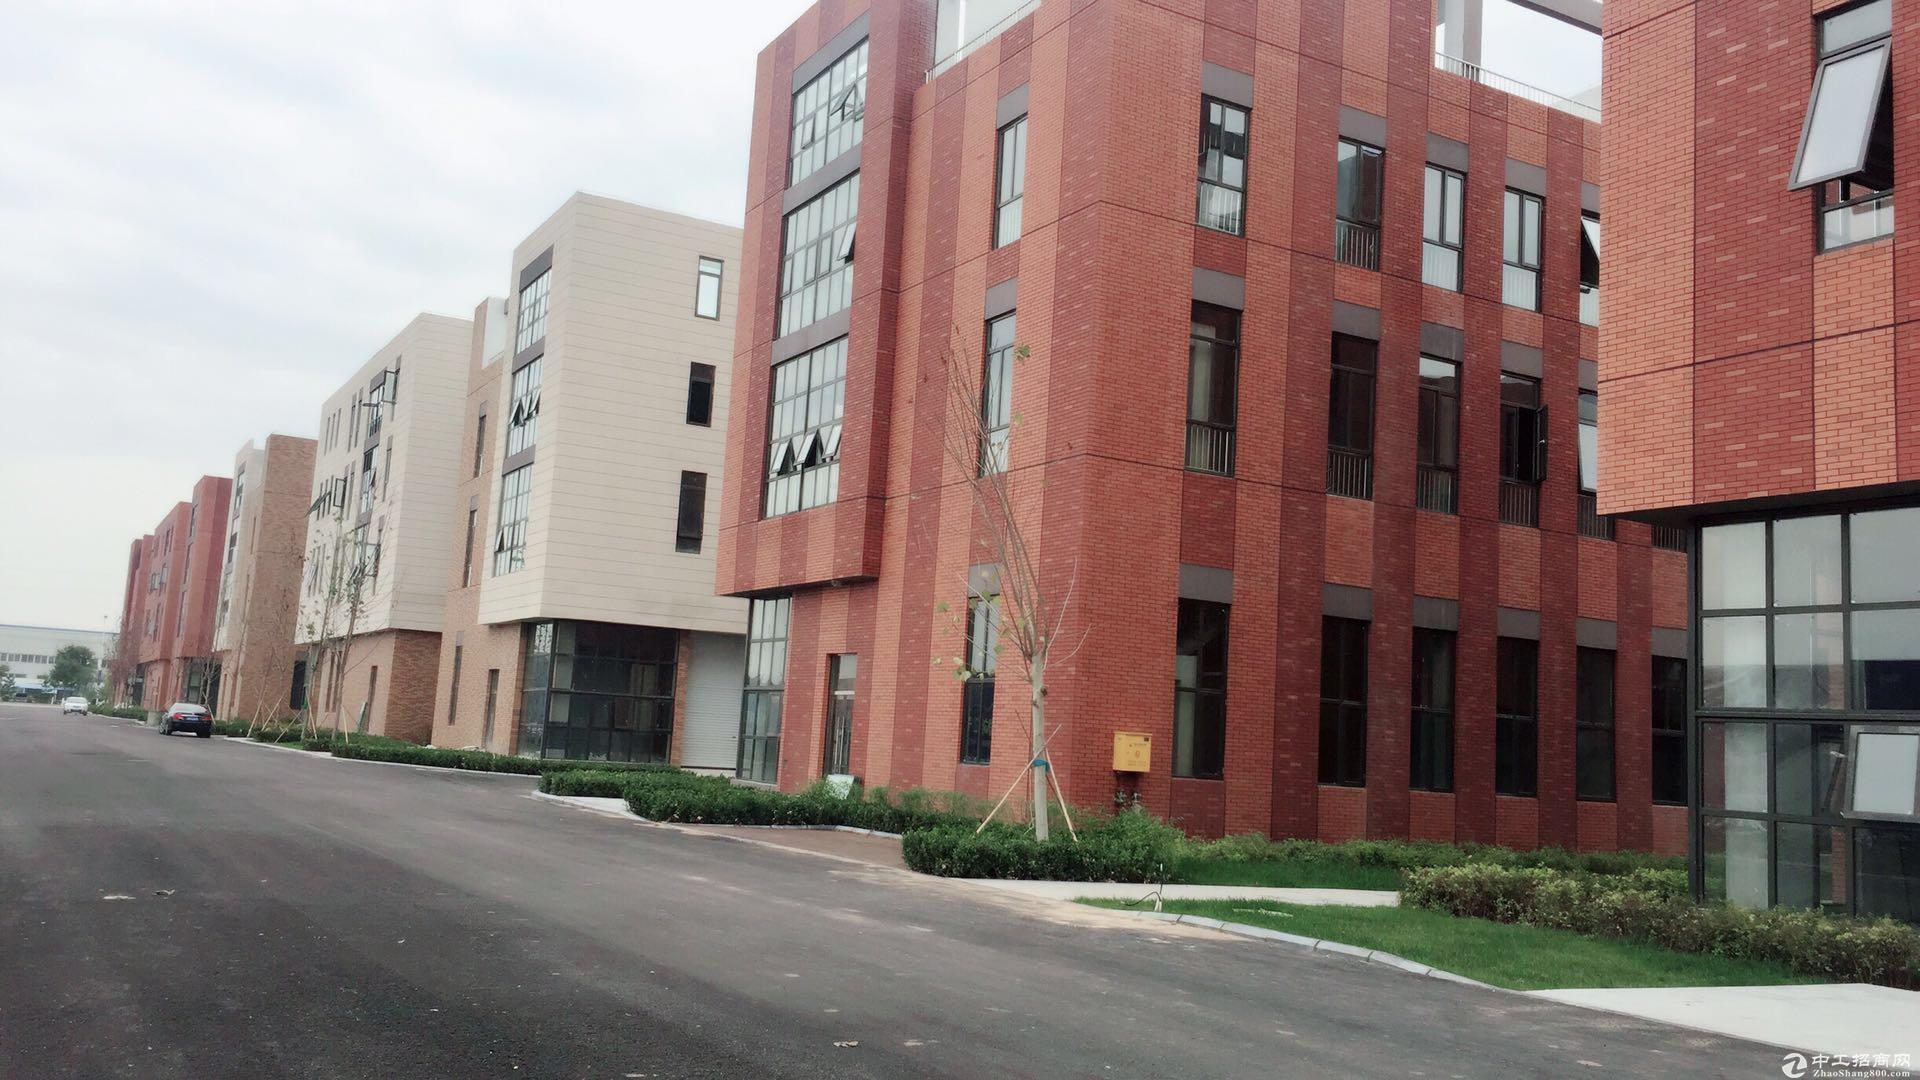 可注册环评 生产制造 办公 研发 可按揭贷款 7.2米层高